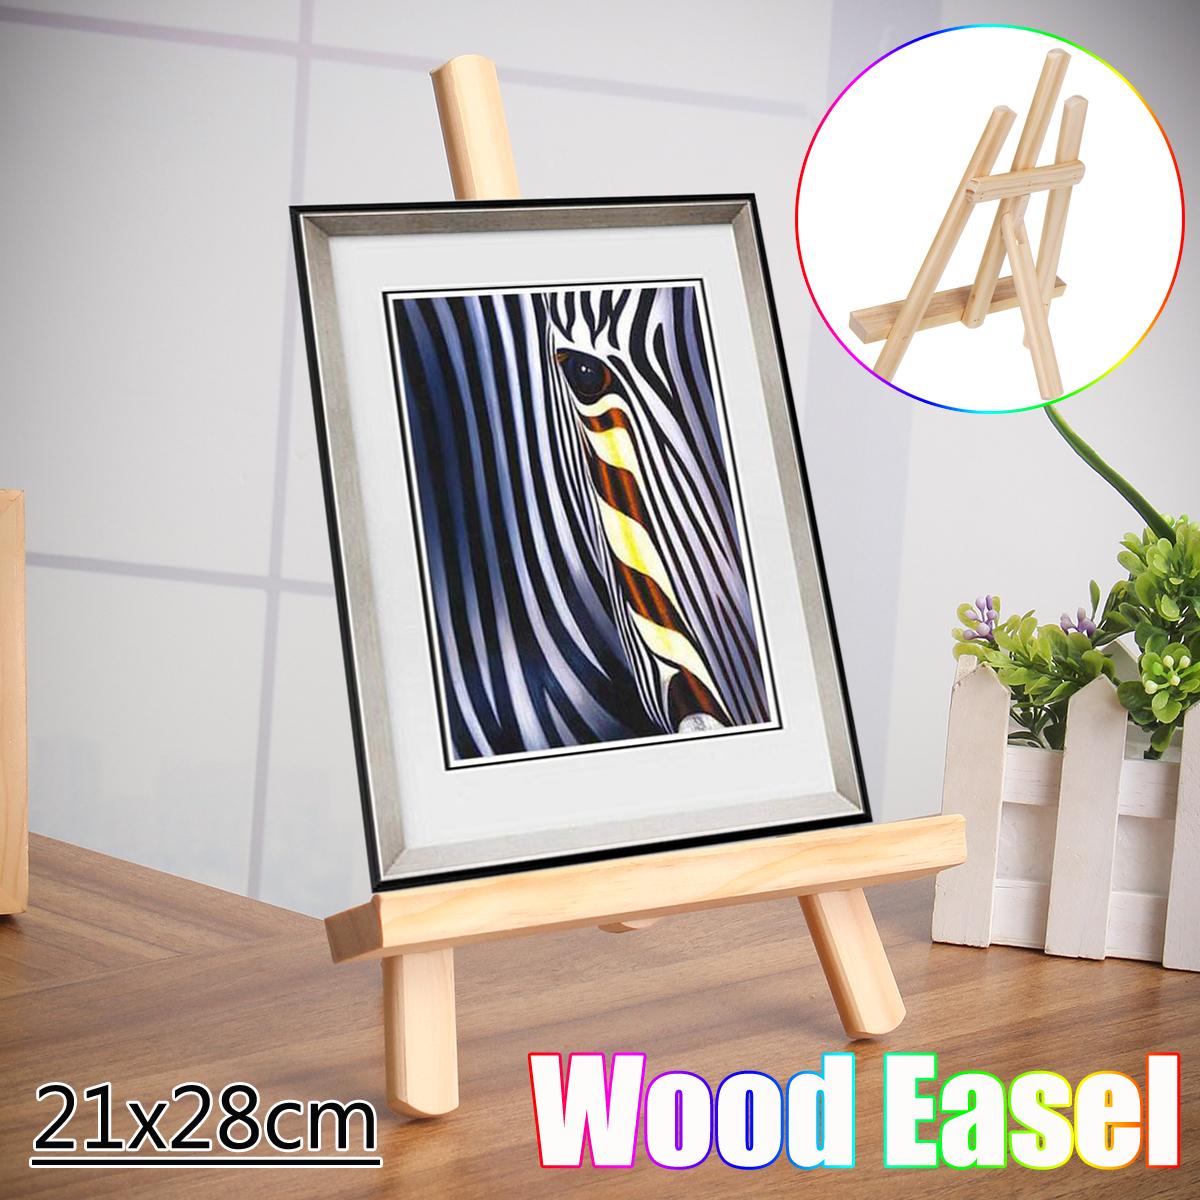 [해외]21x28cm 조정 가능한 아티스트 나무 이젤 달력 디스플레이 랙 웨딩 테이블 카드 삼각형 스탠드 홀더 DIY 파티 장식/21x28cm Adjustable Artist Wooden Easel Calendar Display Rack Wedding Table Car